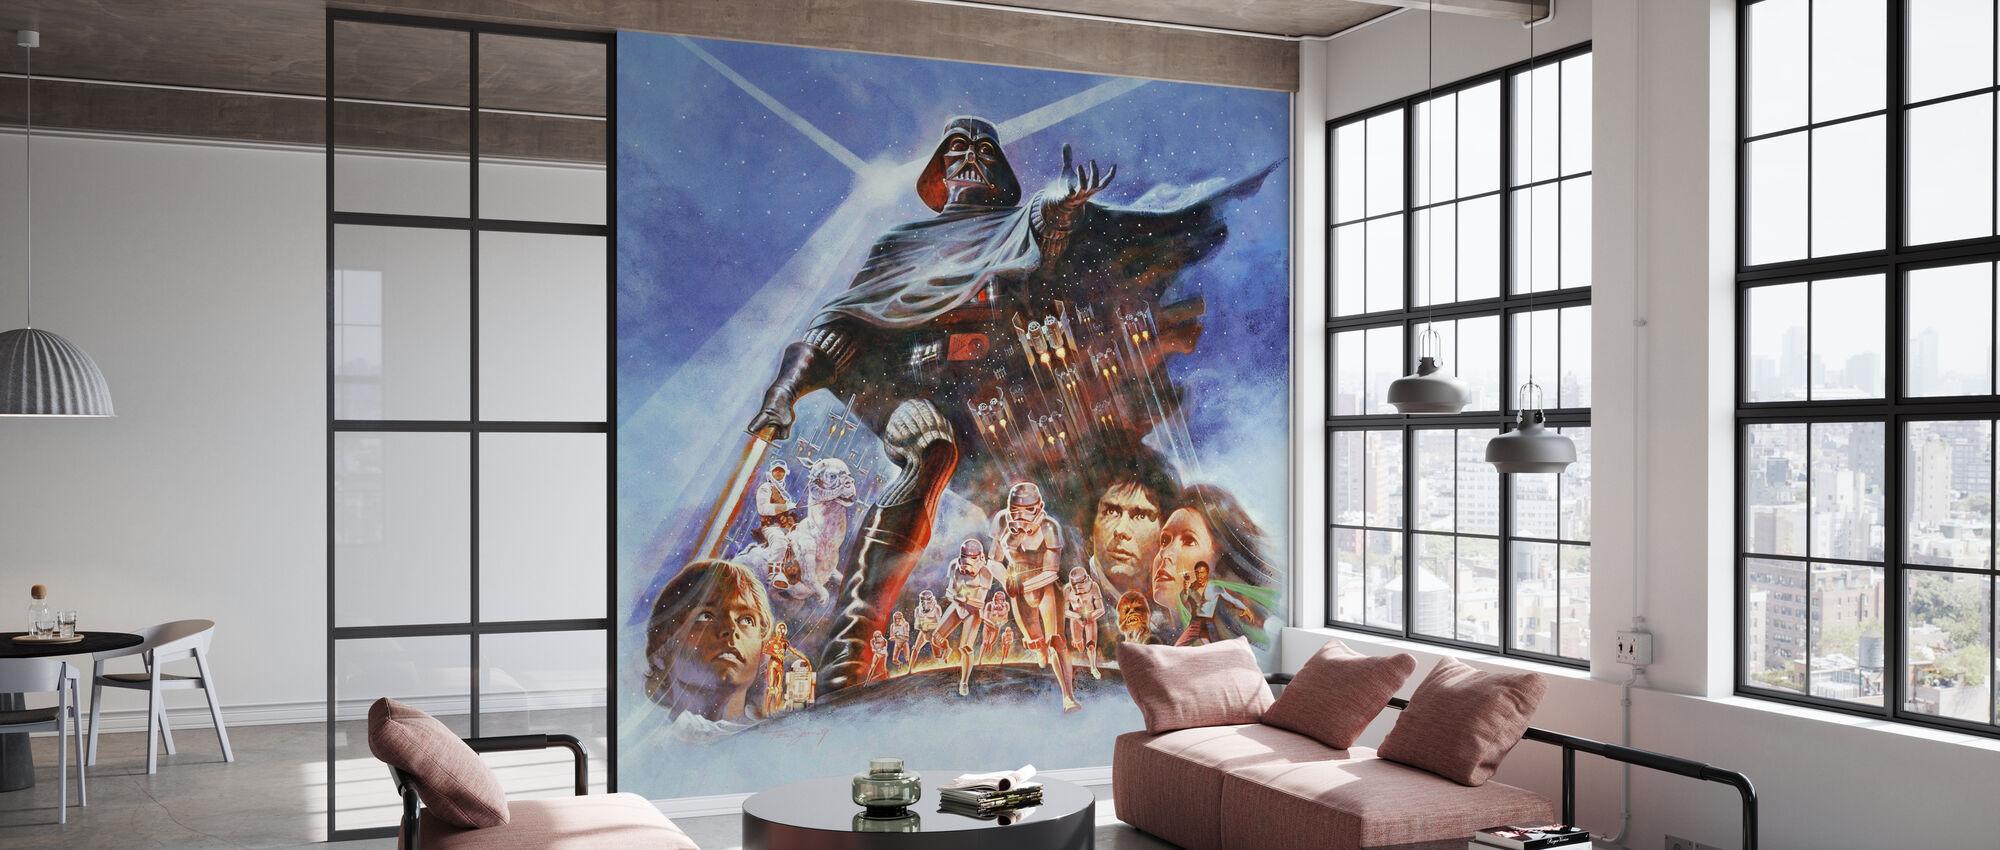 Stjärnornas krig - Darth Vader 2 - Tapet - Kontor